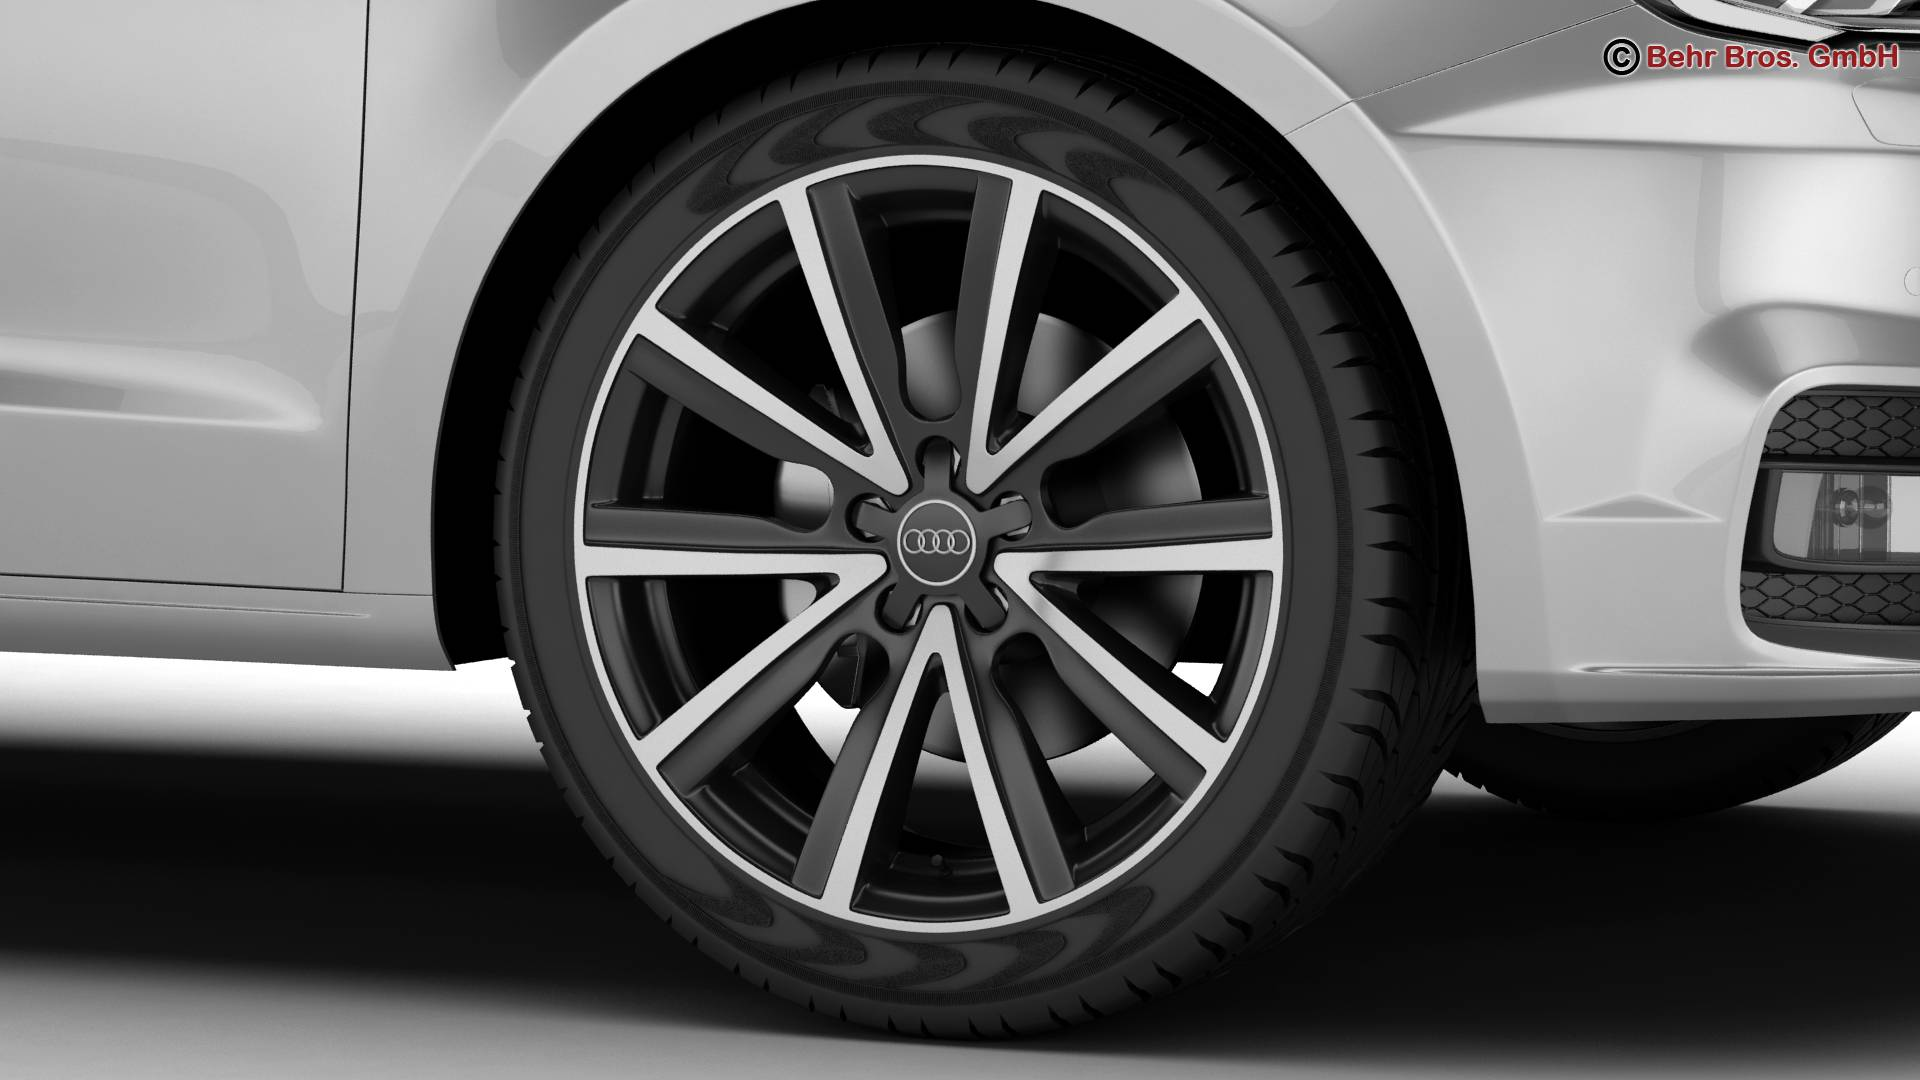 Audi a1 2015 3d model 3ds max fbx c4d am fwy o wybodaeth 214703